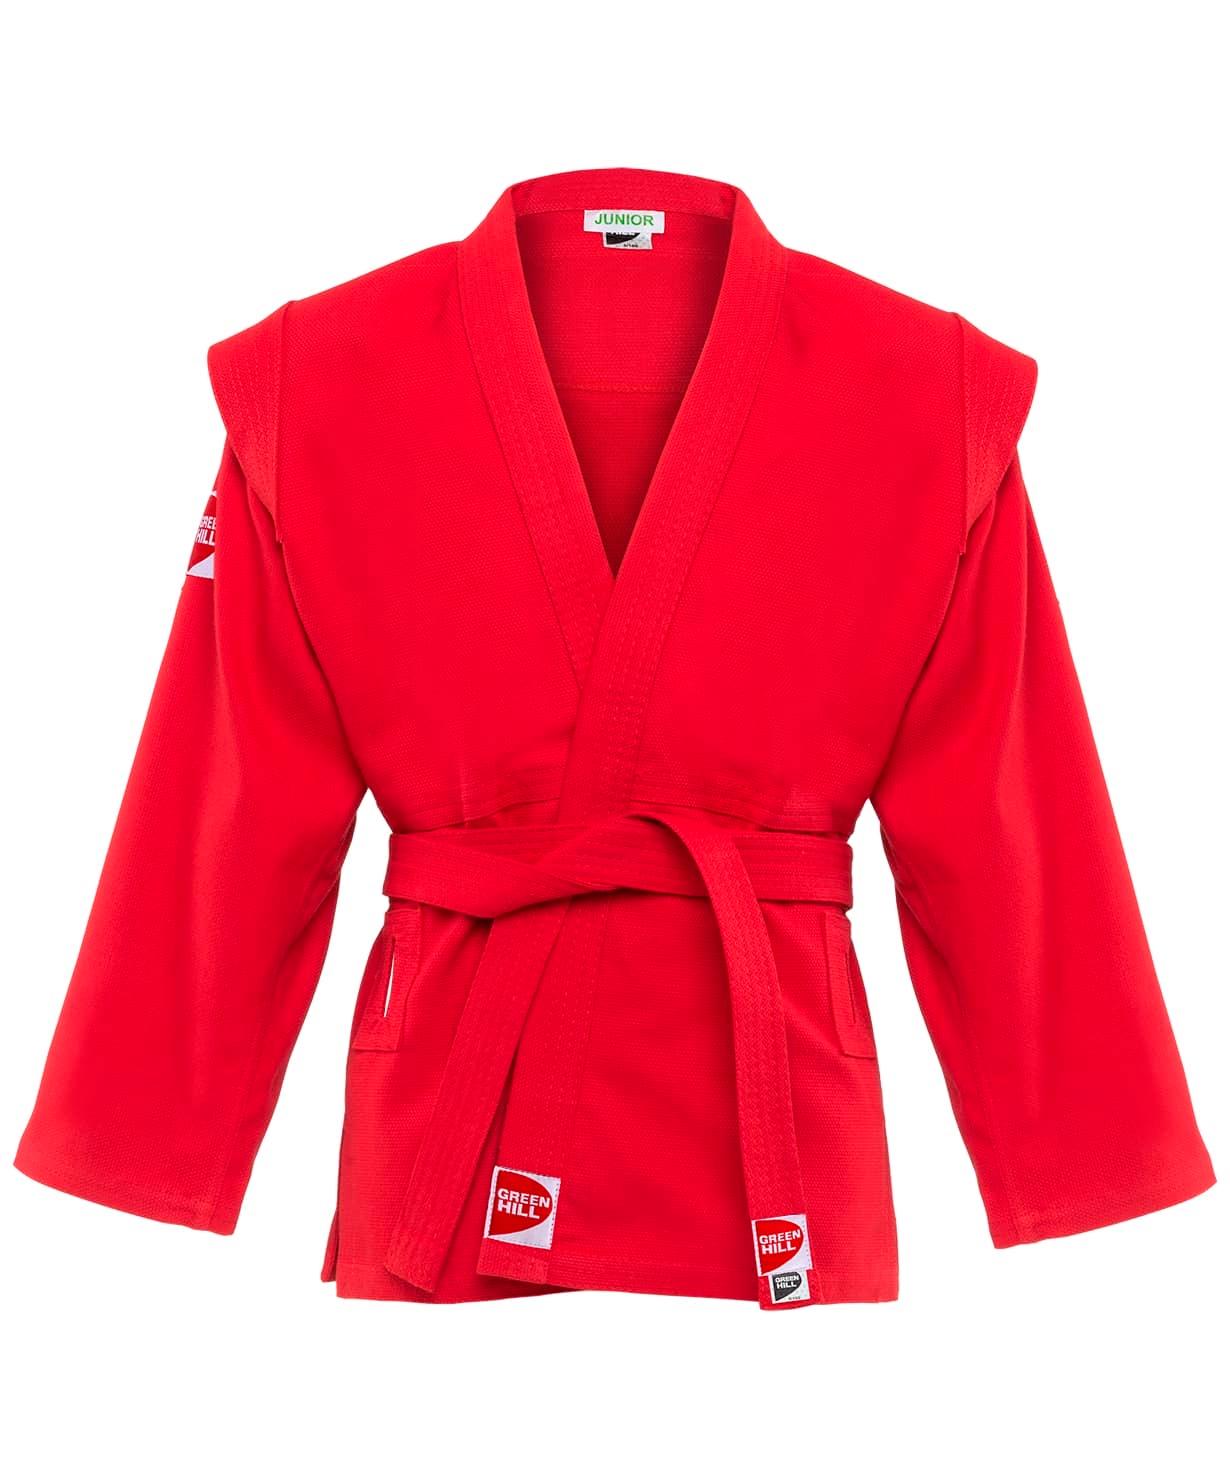 Куртка для самбо Junior SCJ-2201, красный, р.4/170